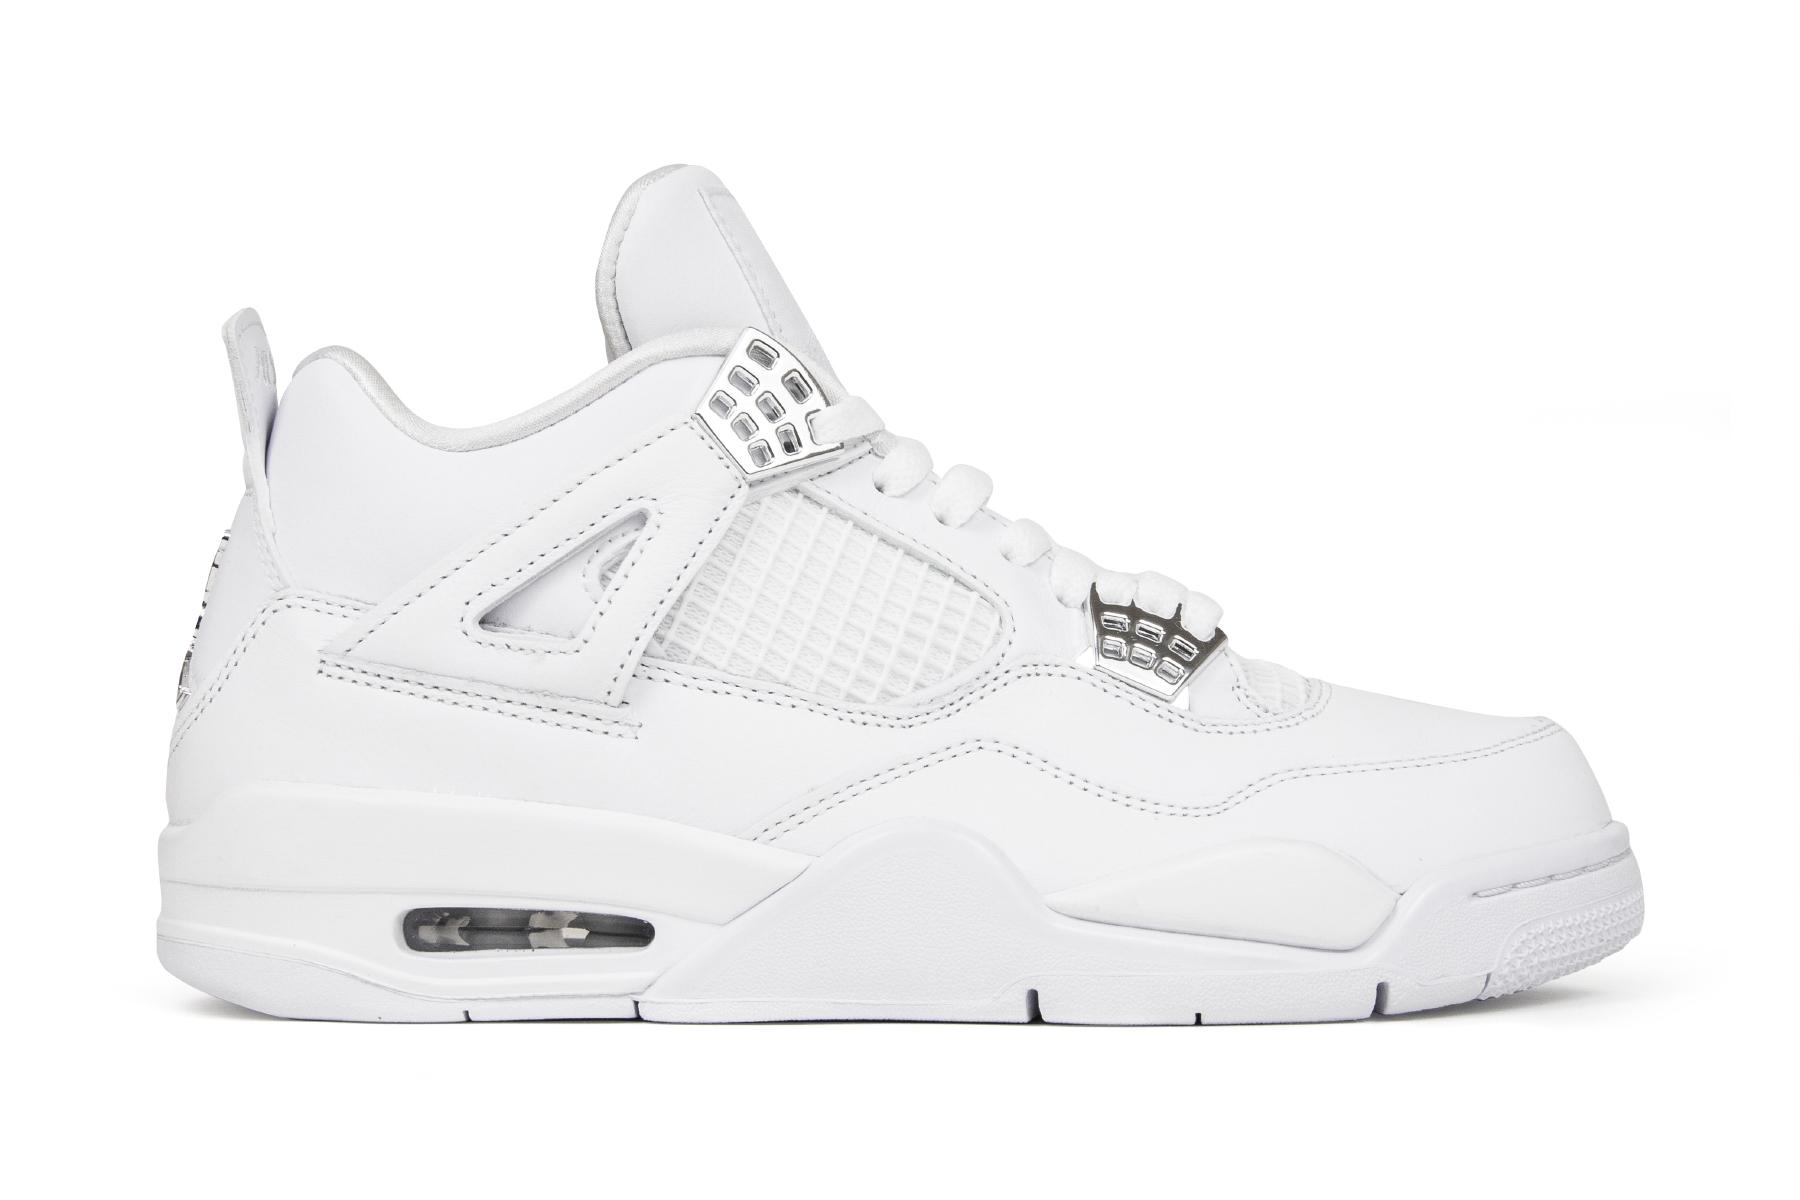 new styles 0aa8d 30316 ... Nike Pure Money Air Jordan 4 308497-100 Medial  Air Jordan 4 Retro  Air  Jordan 4 Retro ...